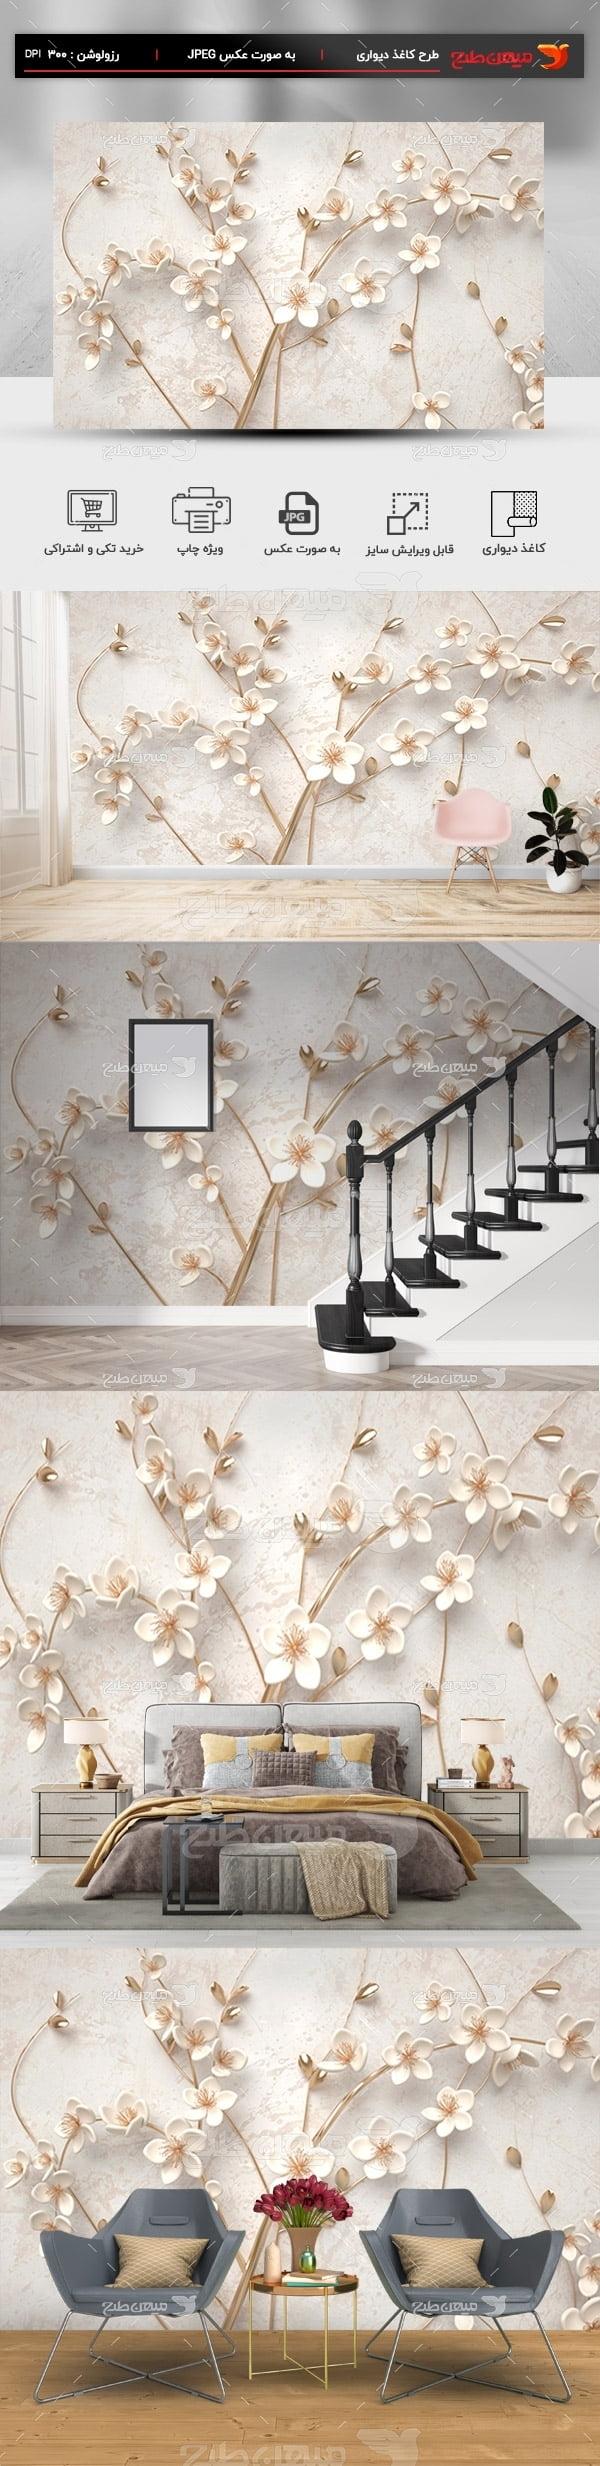 پوستر کاغذ دیواری سه بعدی کرم با گل صدفی